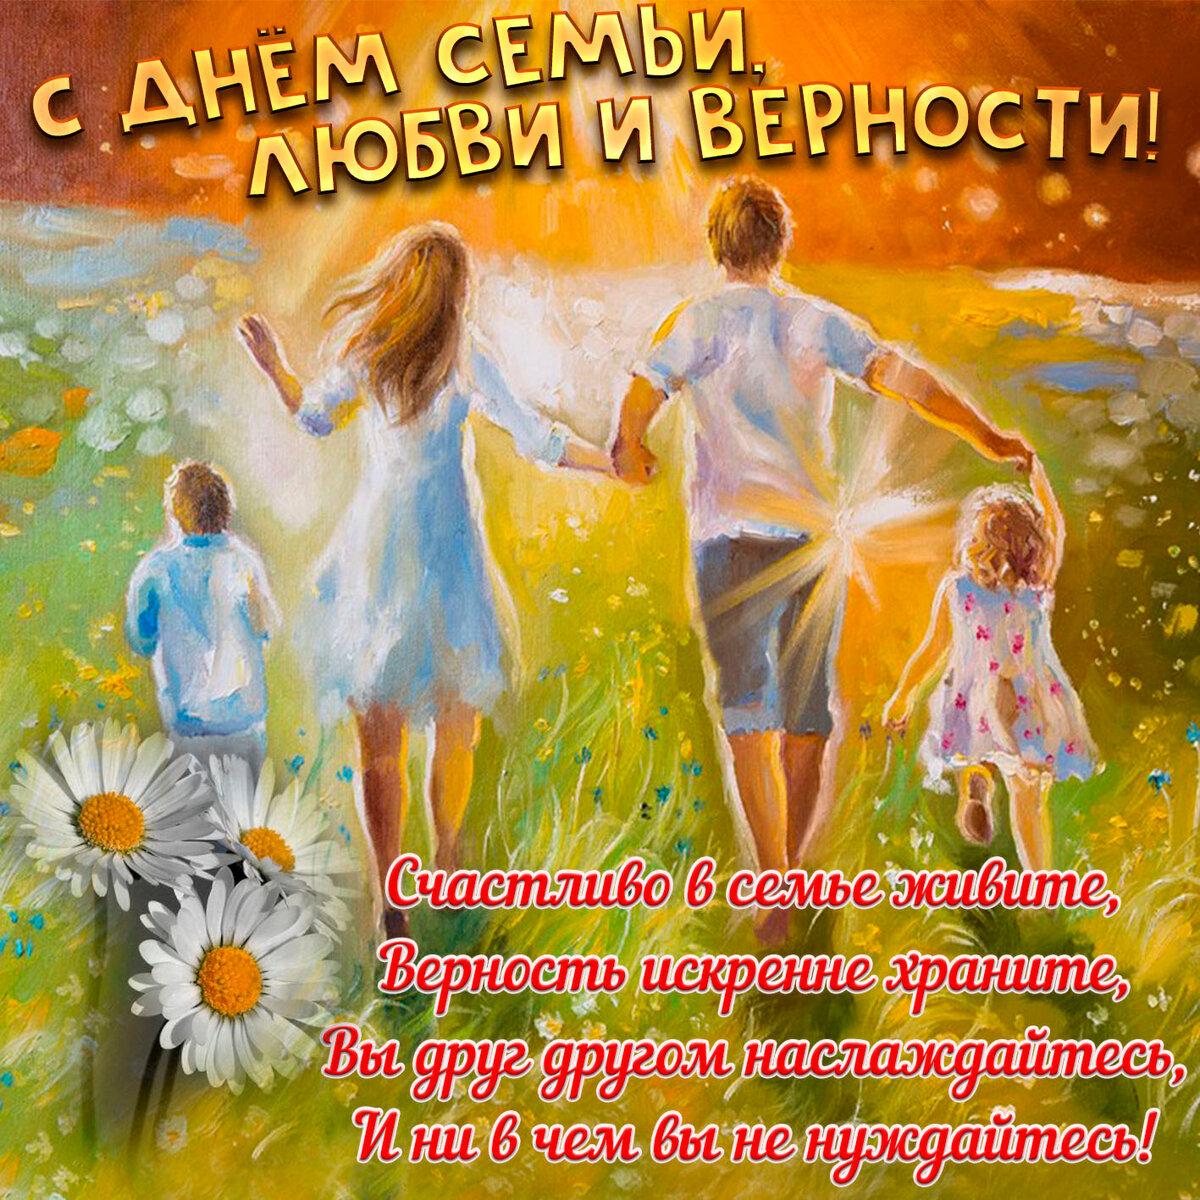 Поздравление в честь семьи